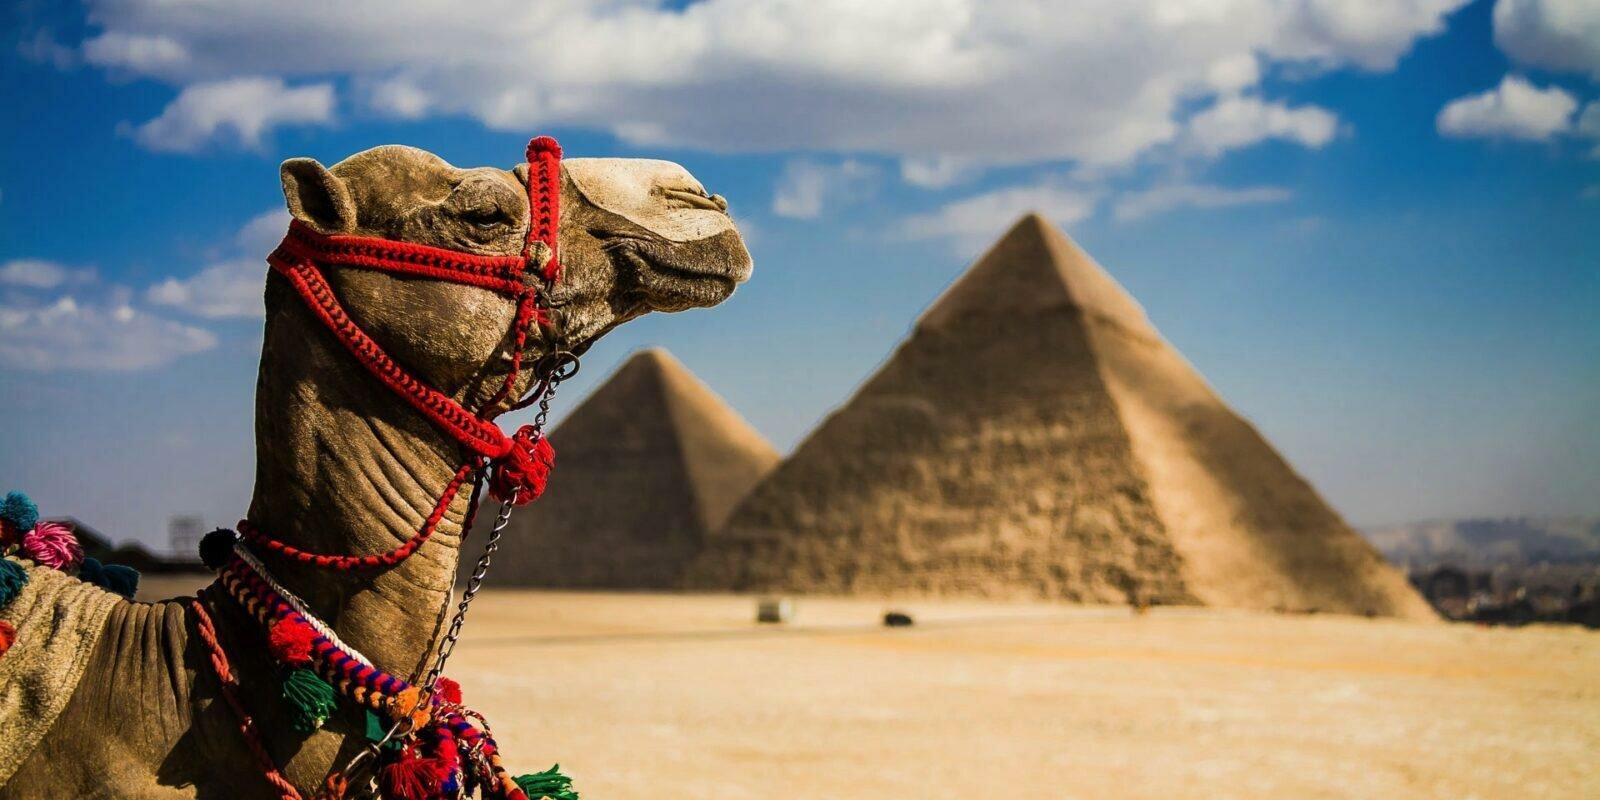 Египет 2019 станет популярным направлением